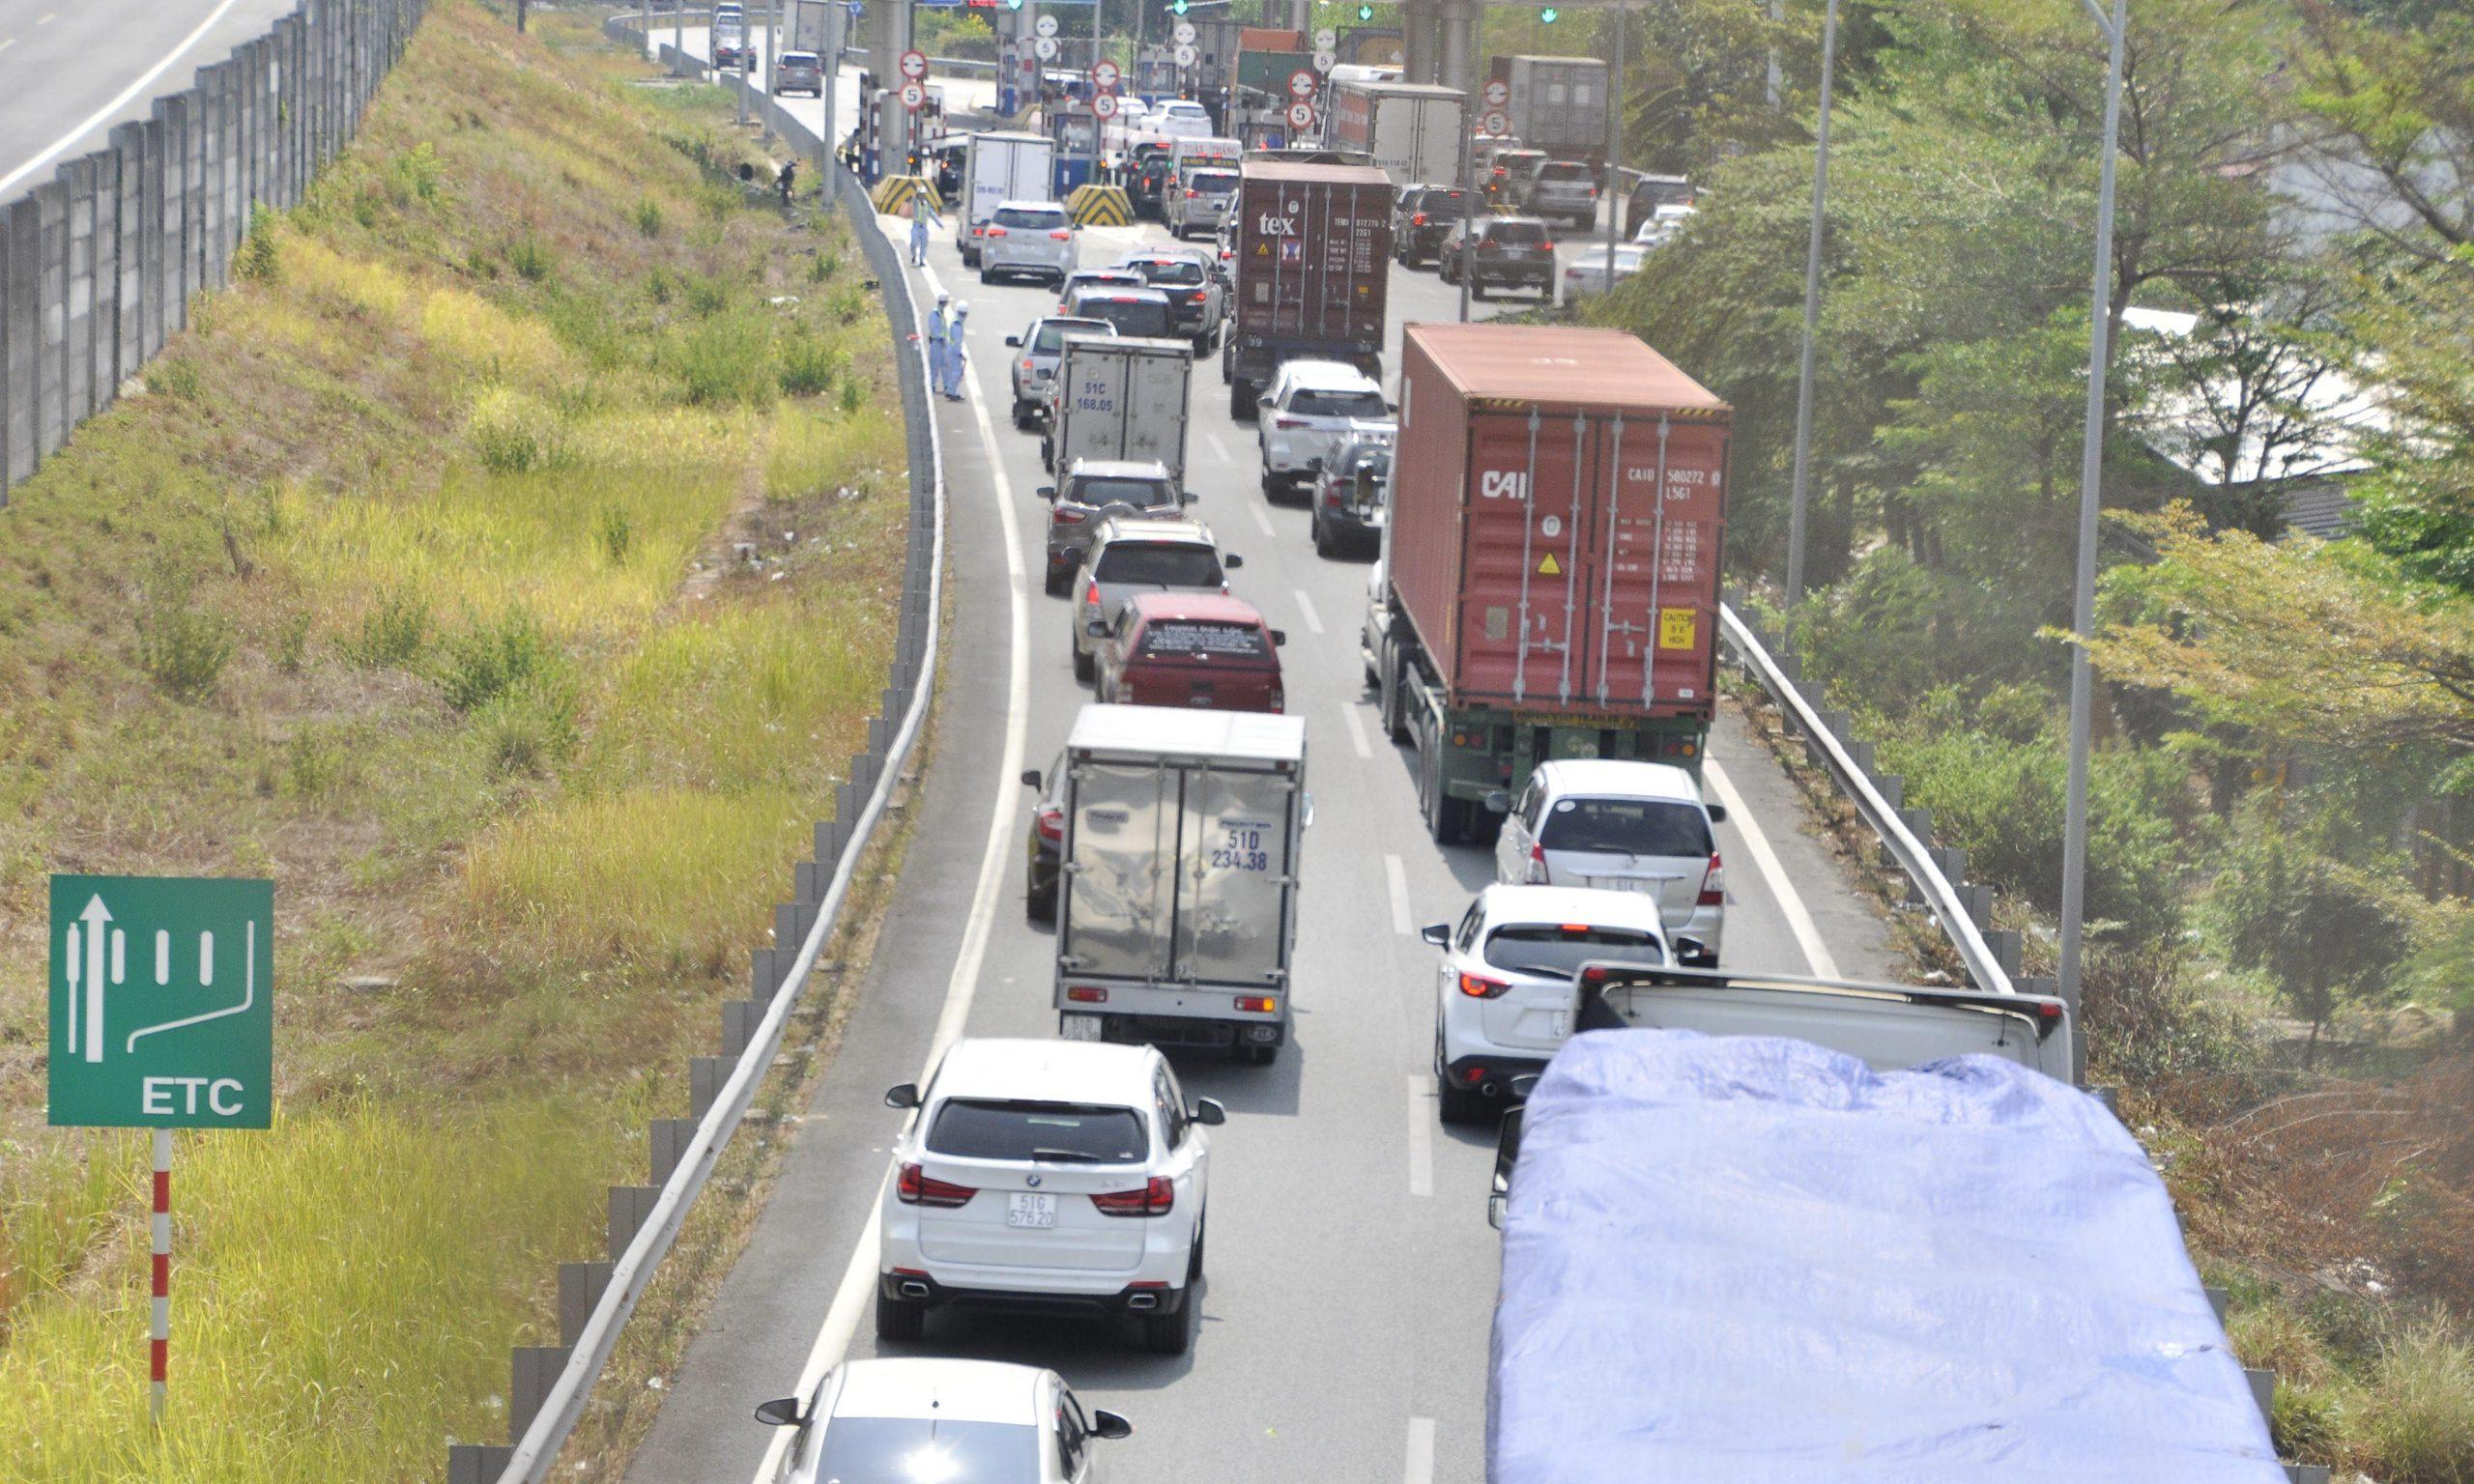 Đồng Nai: Kiến nghị mở rộng cao tốc TP.HCM - Long Thành - Dầu Giây lên 12 làn xe - Ảnh 1